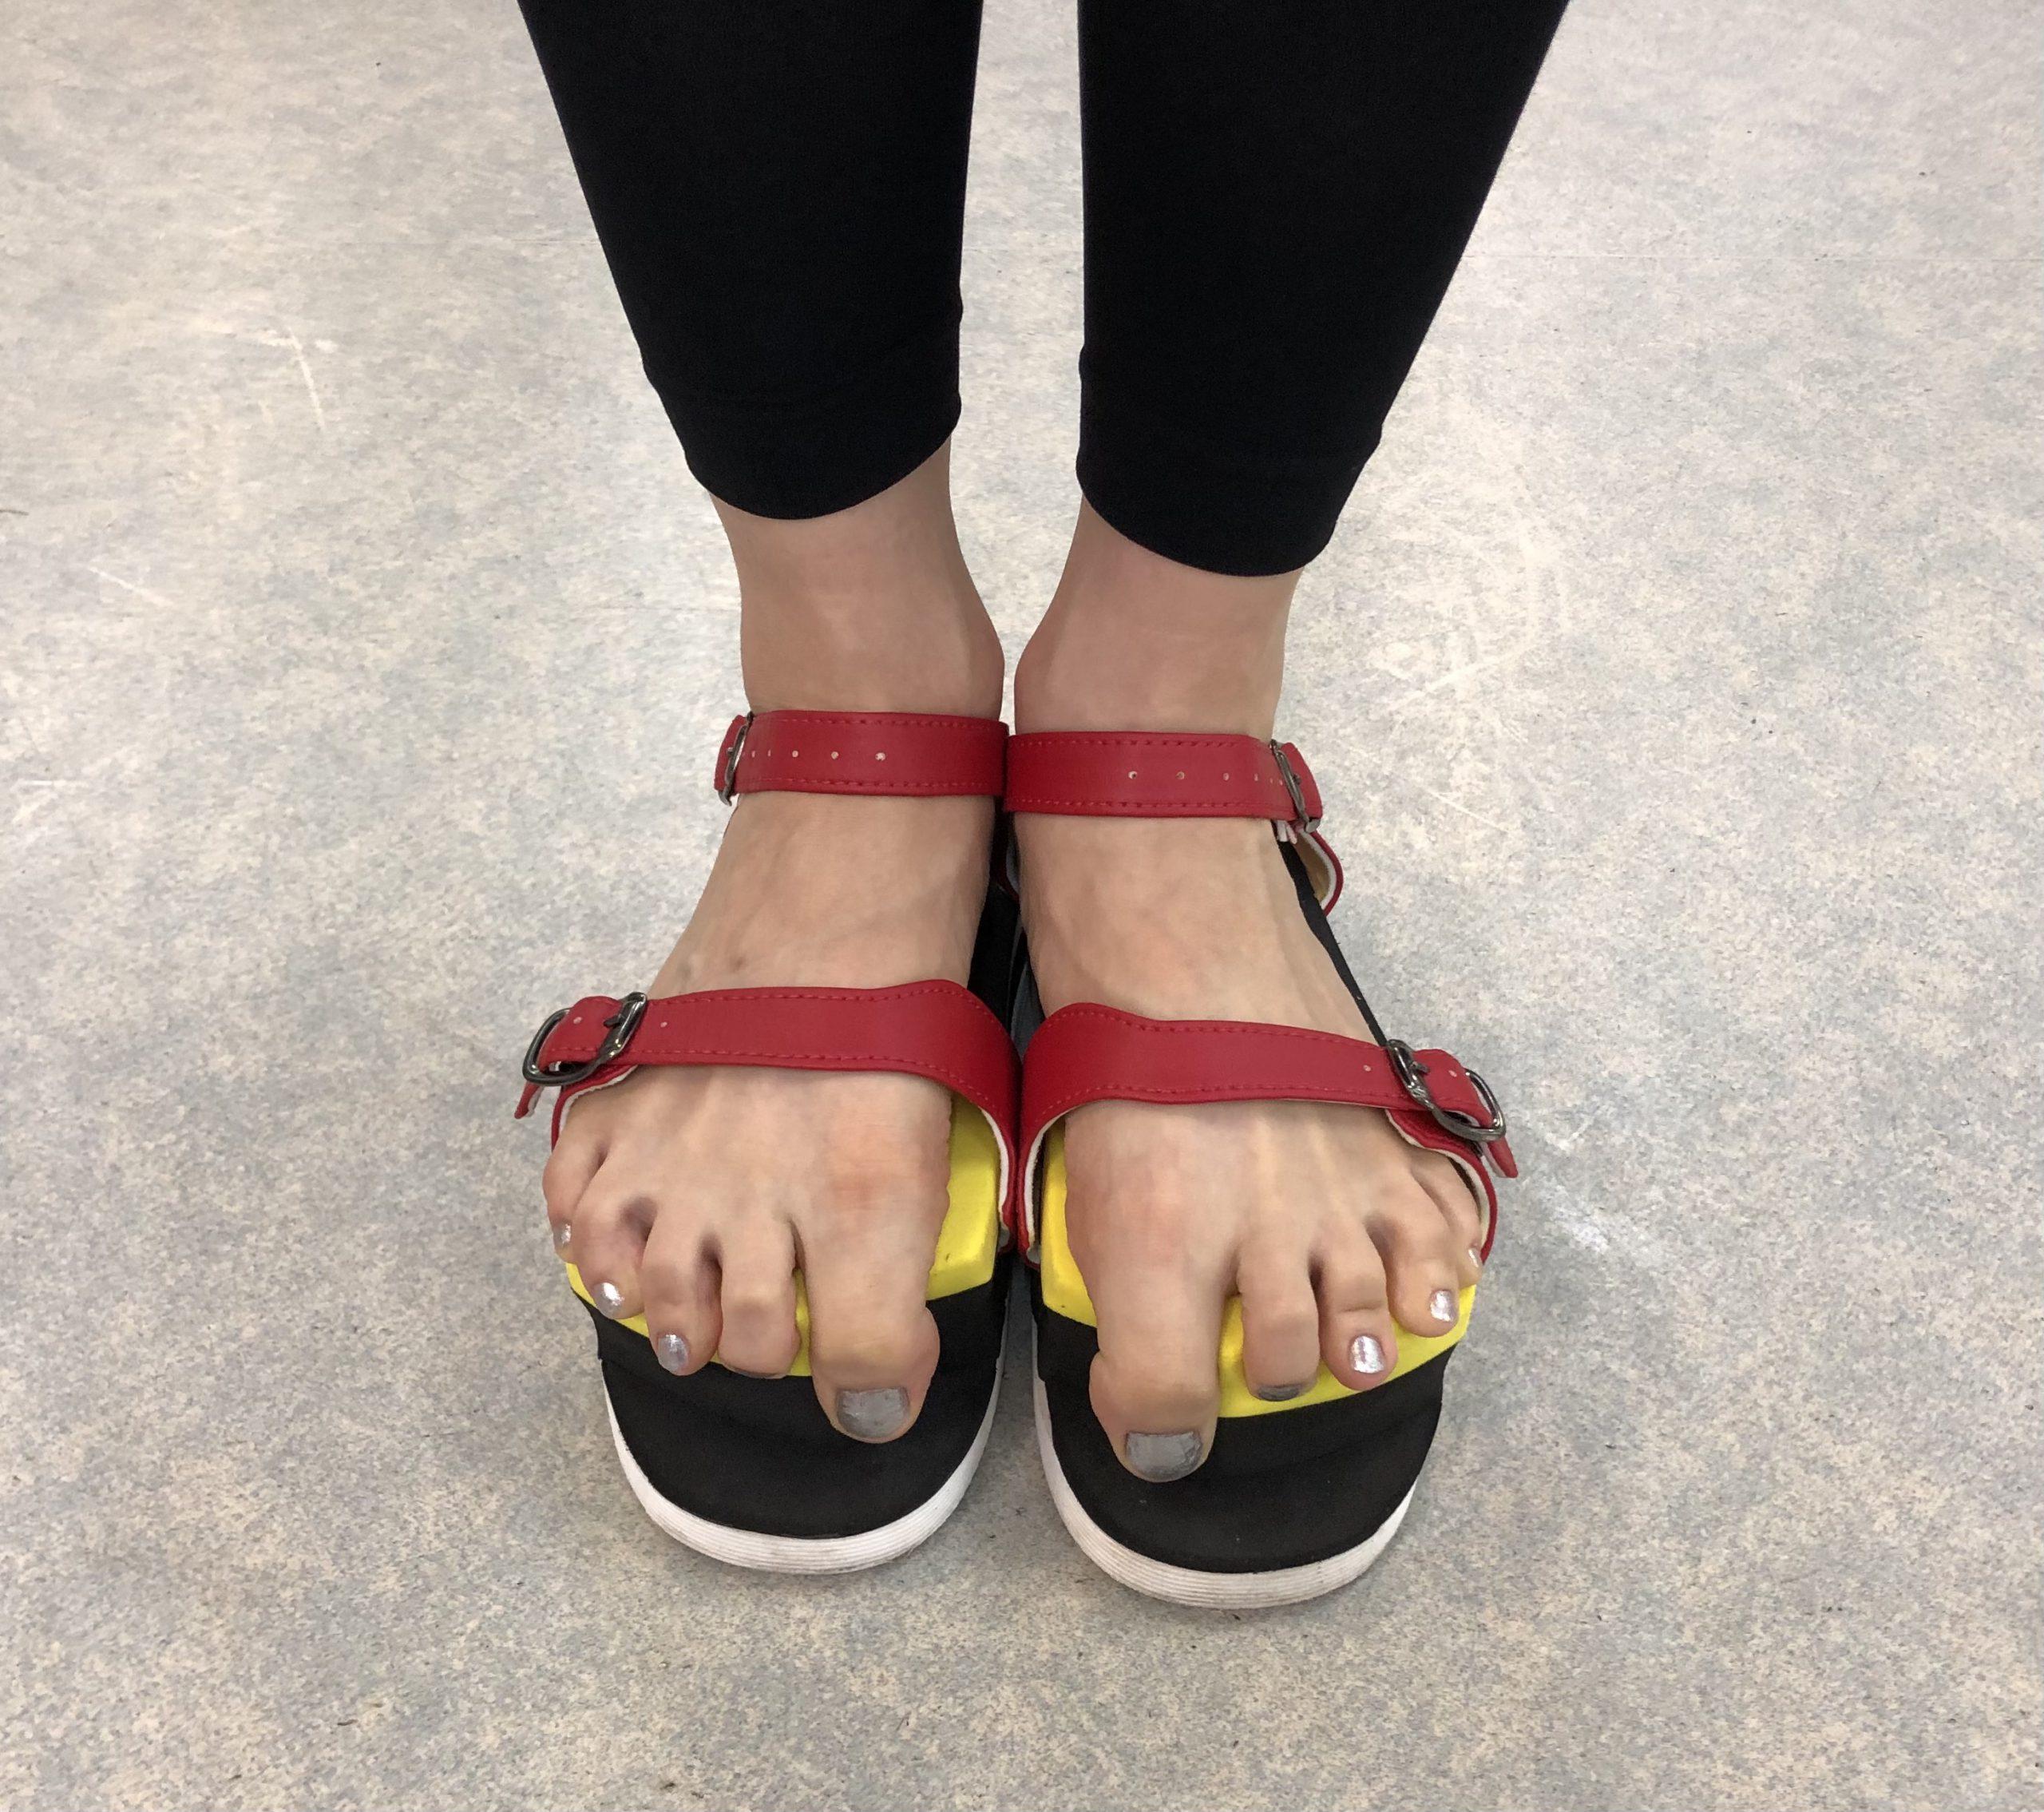 足趾把持力(足指握力)強化トレーニングサンダル「ワシーガトウズ」